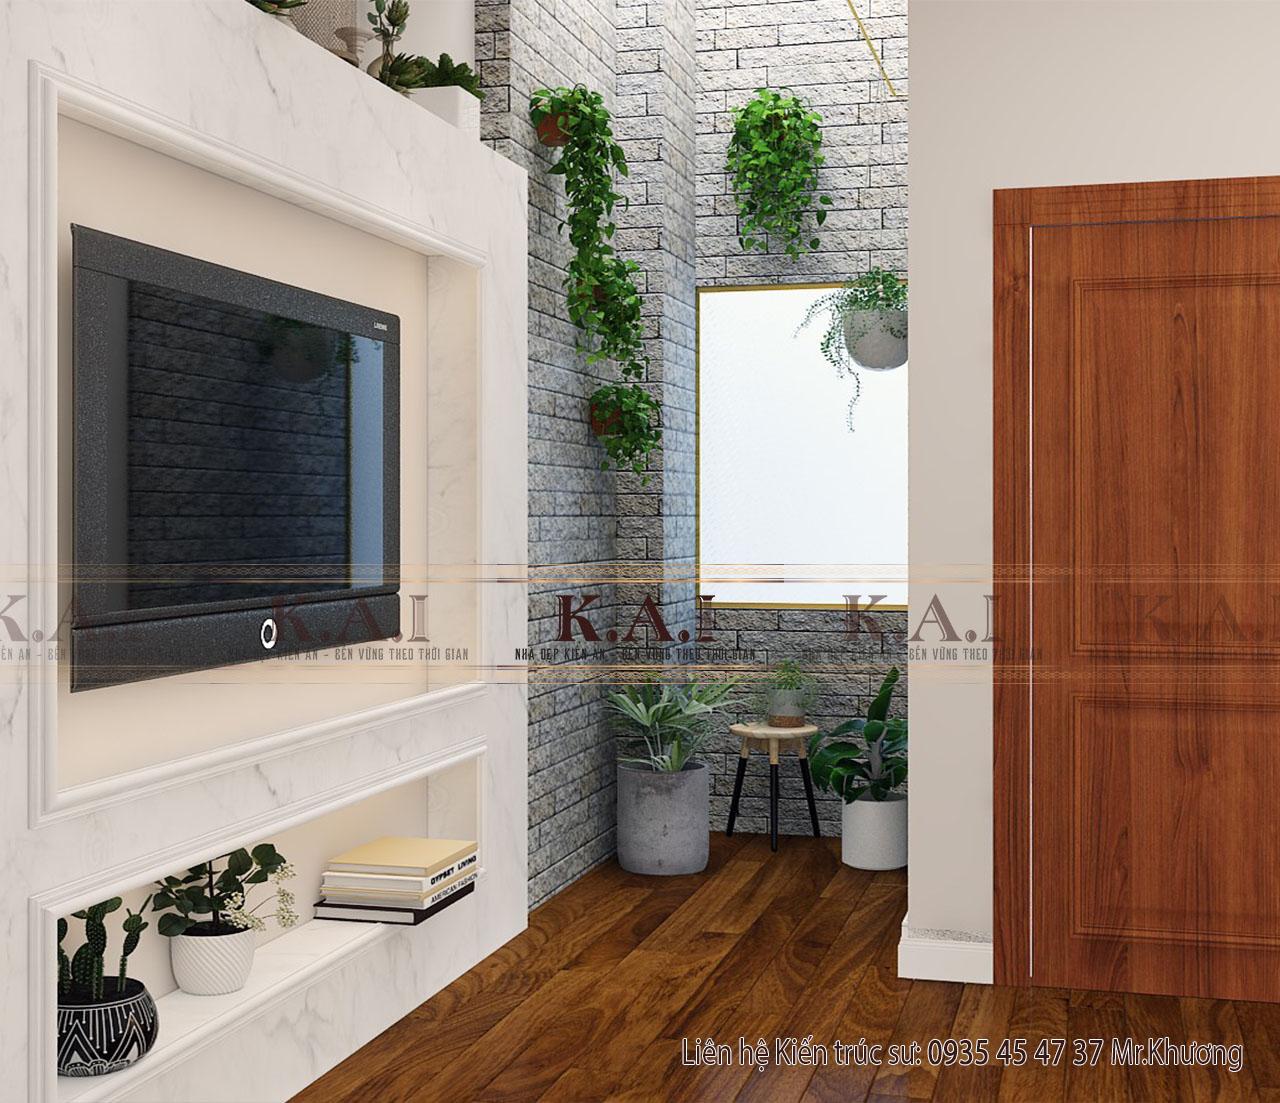 Phòng ngủ thiết kế nội thất nhà ở kết hợp kinh doanh